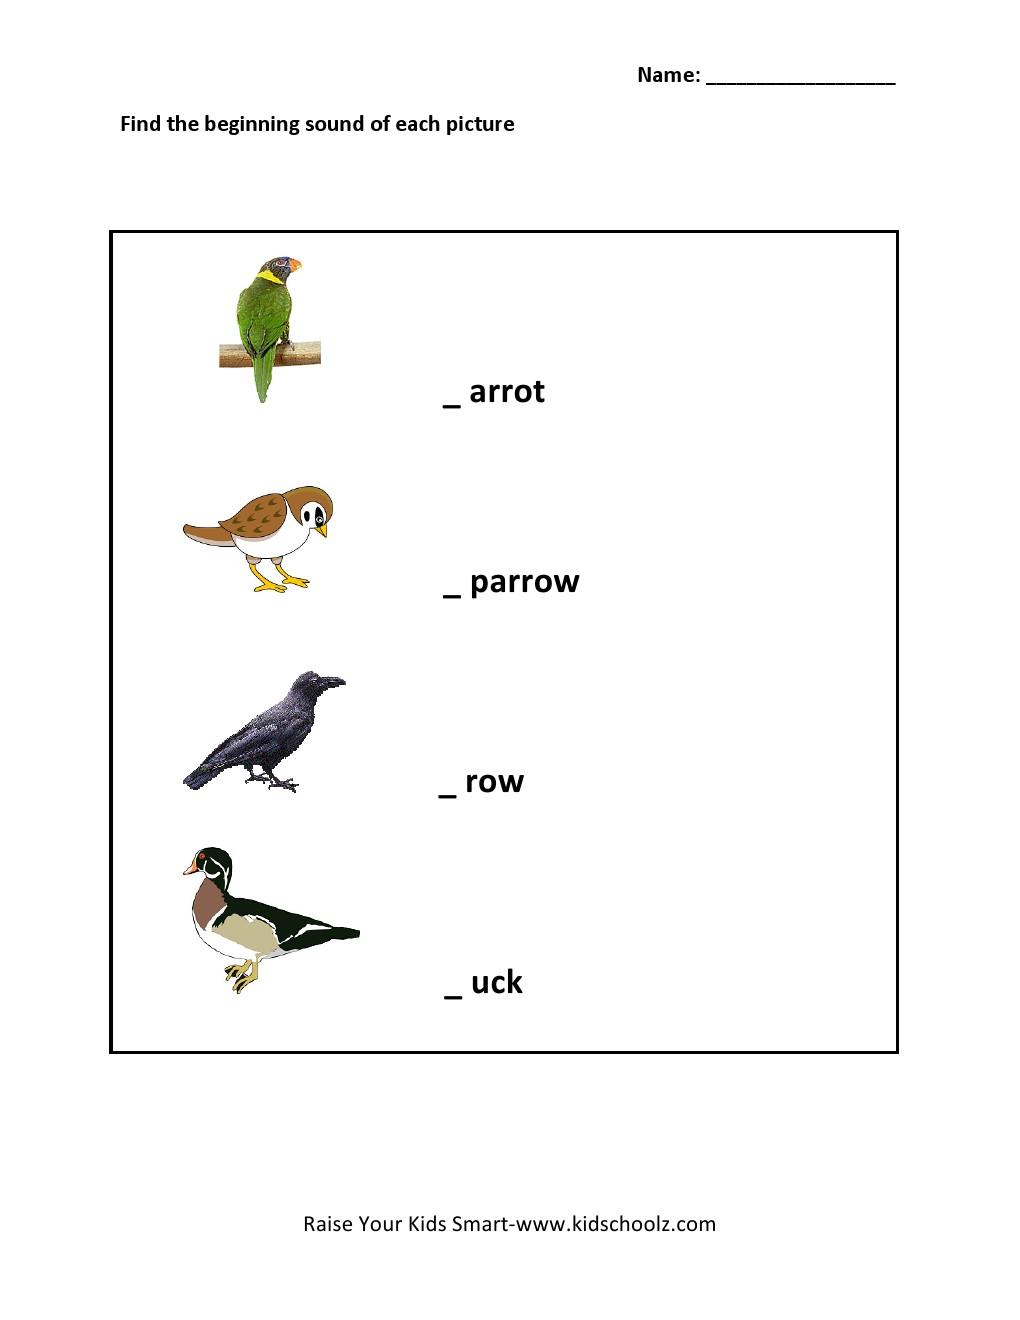 Free Worksheets body fat worksheet : Grade 1 - Sound Worksheet 3 - Kidschoolz